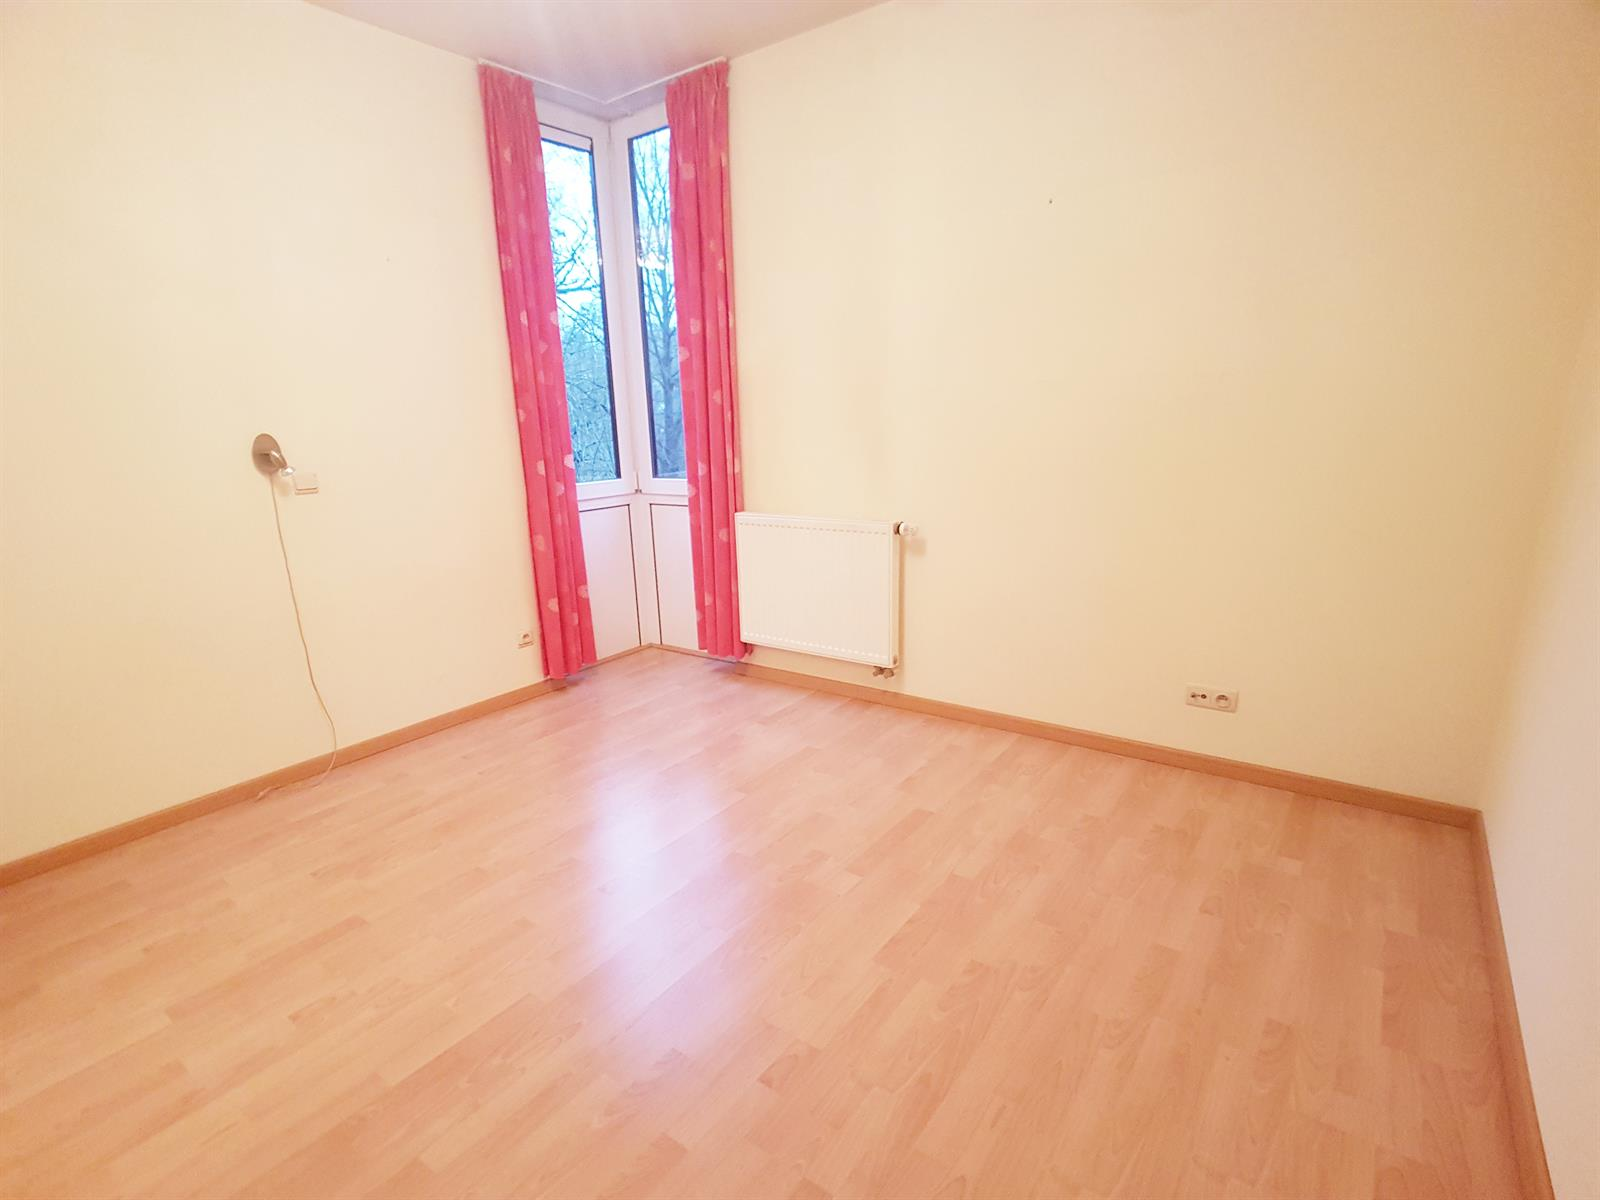 Appartement - Ottignies-Louvain-la-Neuve - #4254648-10